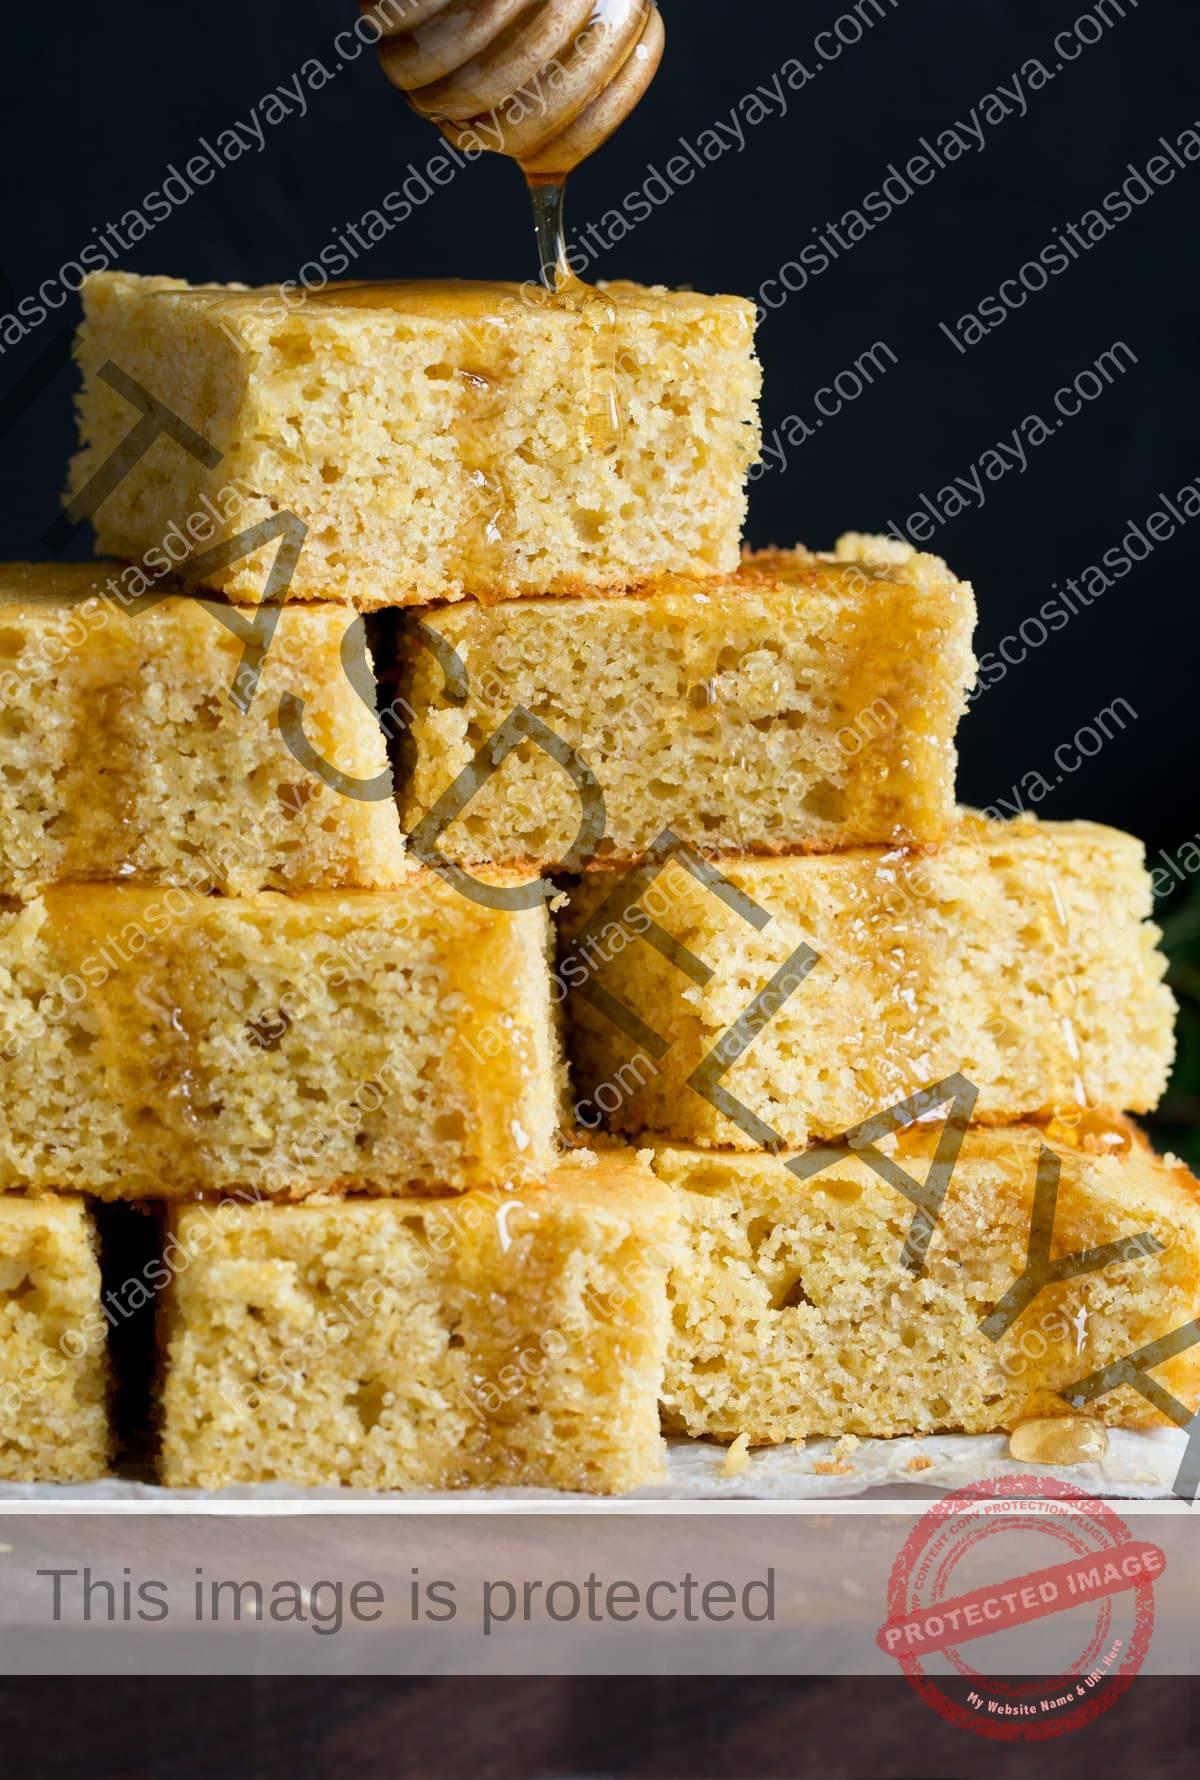 Espolvorear miel en una pirámide de pan de maíz casera